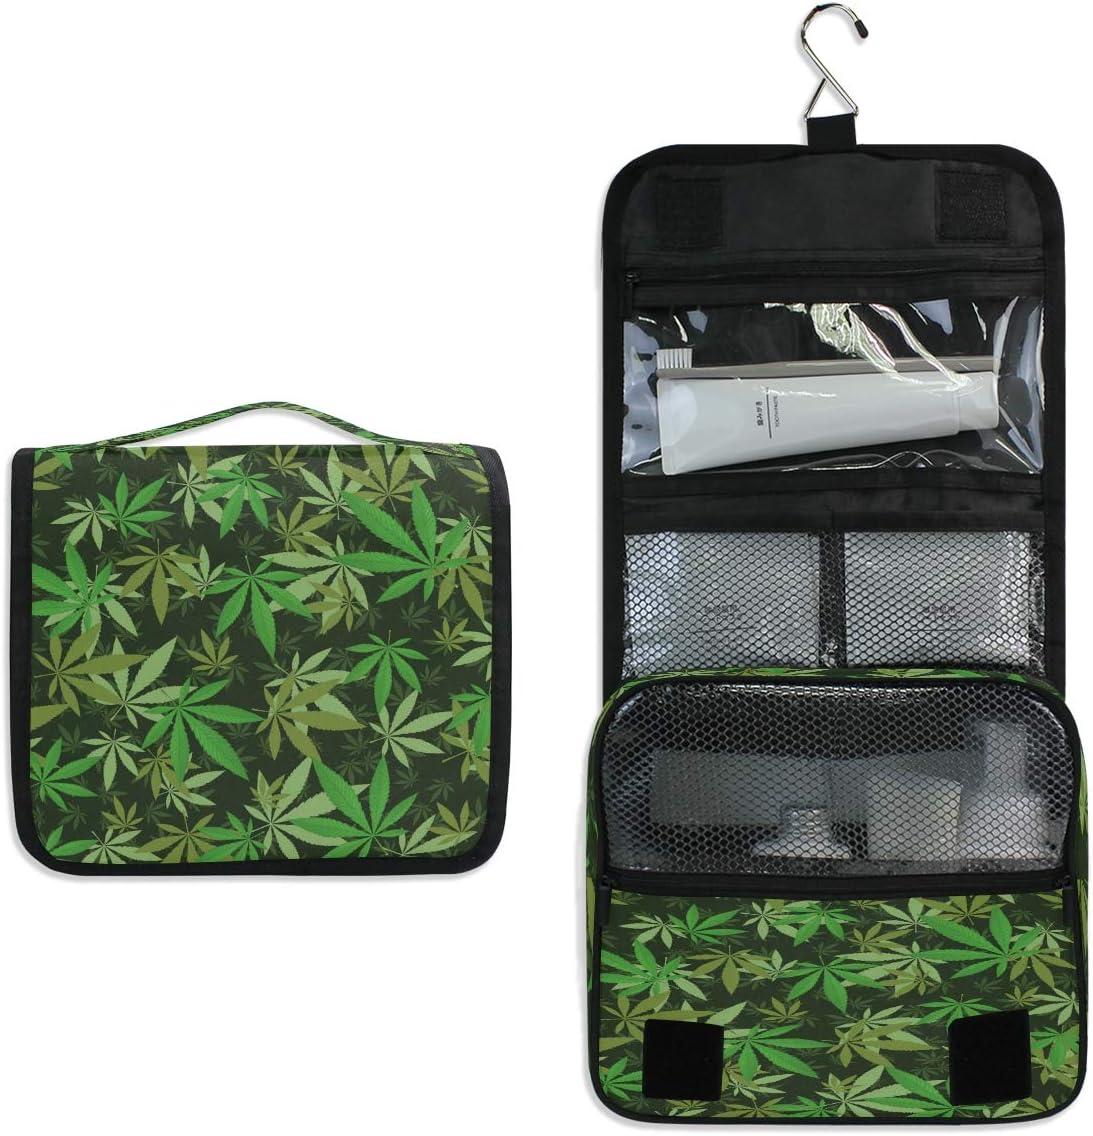 RXYY Bolsa de aseo para colgar de viaje, diseño de hojas de marihuana, plegable, organizador de baño, gimnasio, portátil, neceser de cosméticos para mujeres y niñas